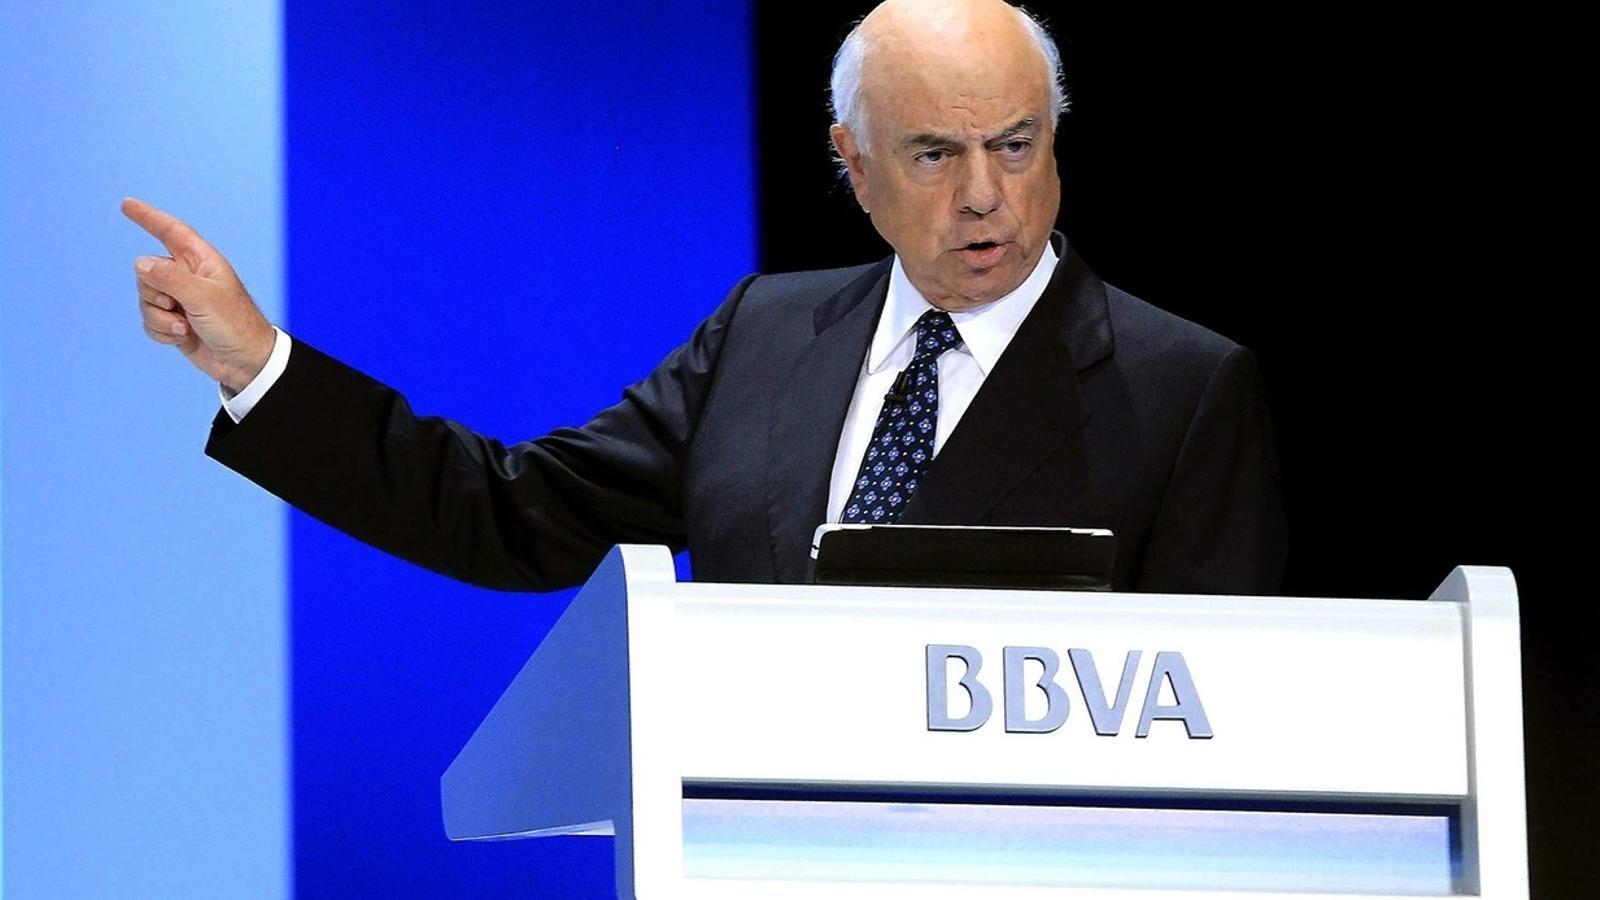 Francisco González era el president del BBVA quan el banc va contractar pressumptament els serveis de Villarejo.